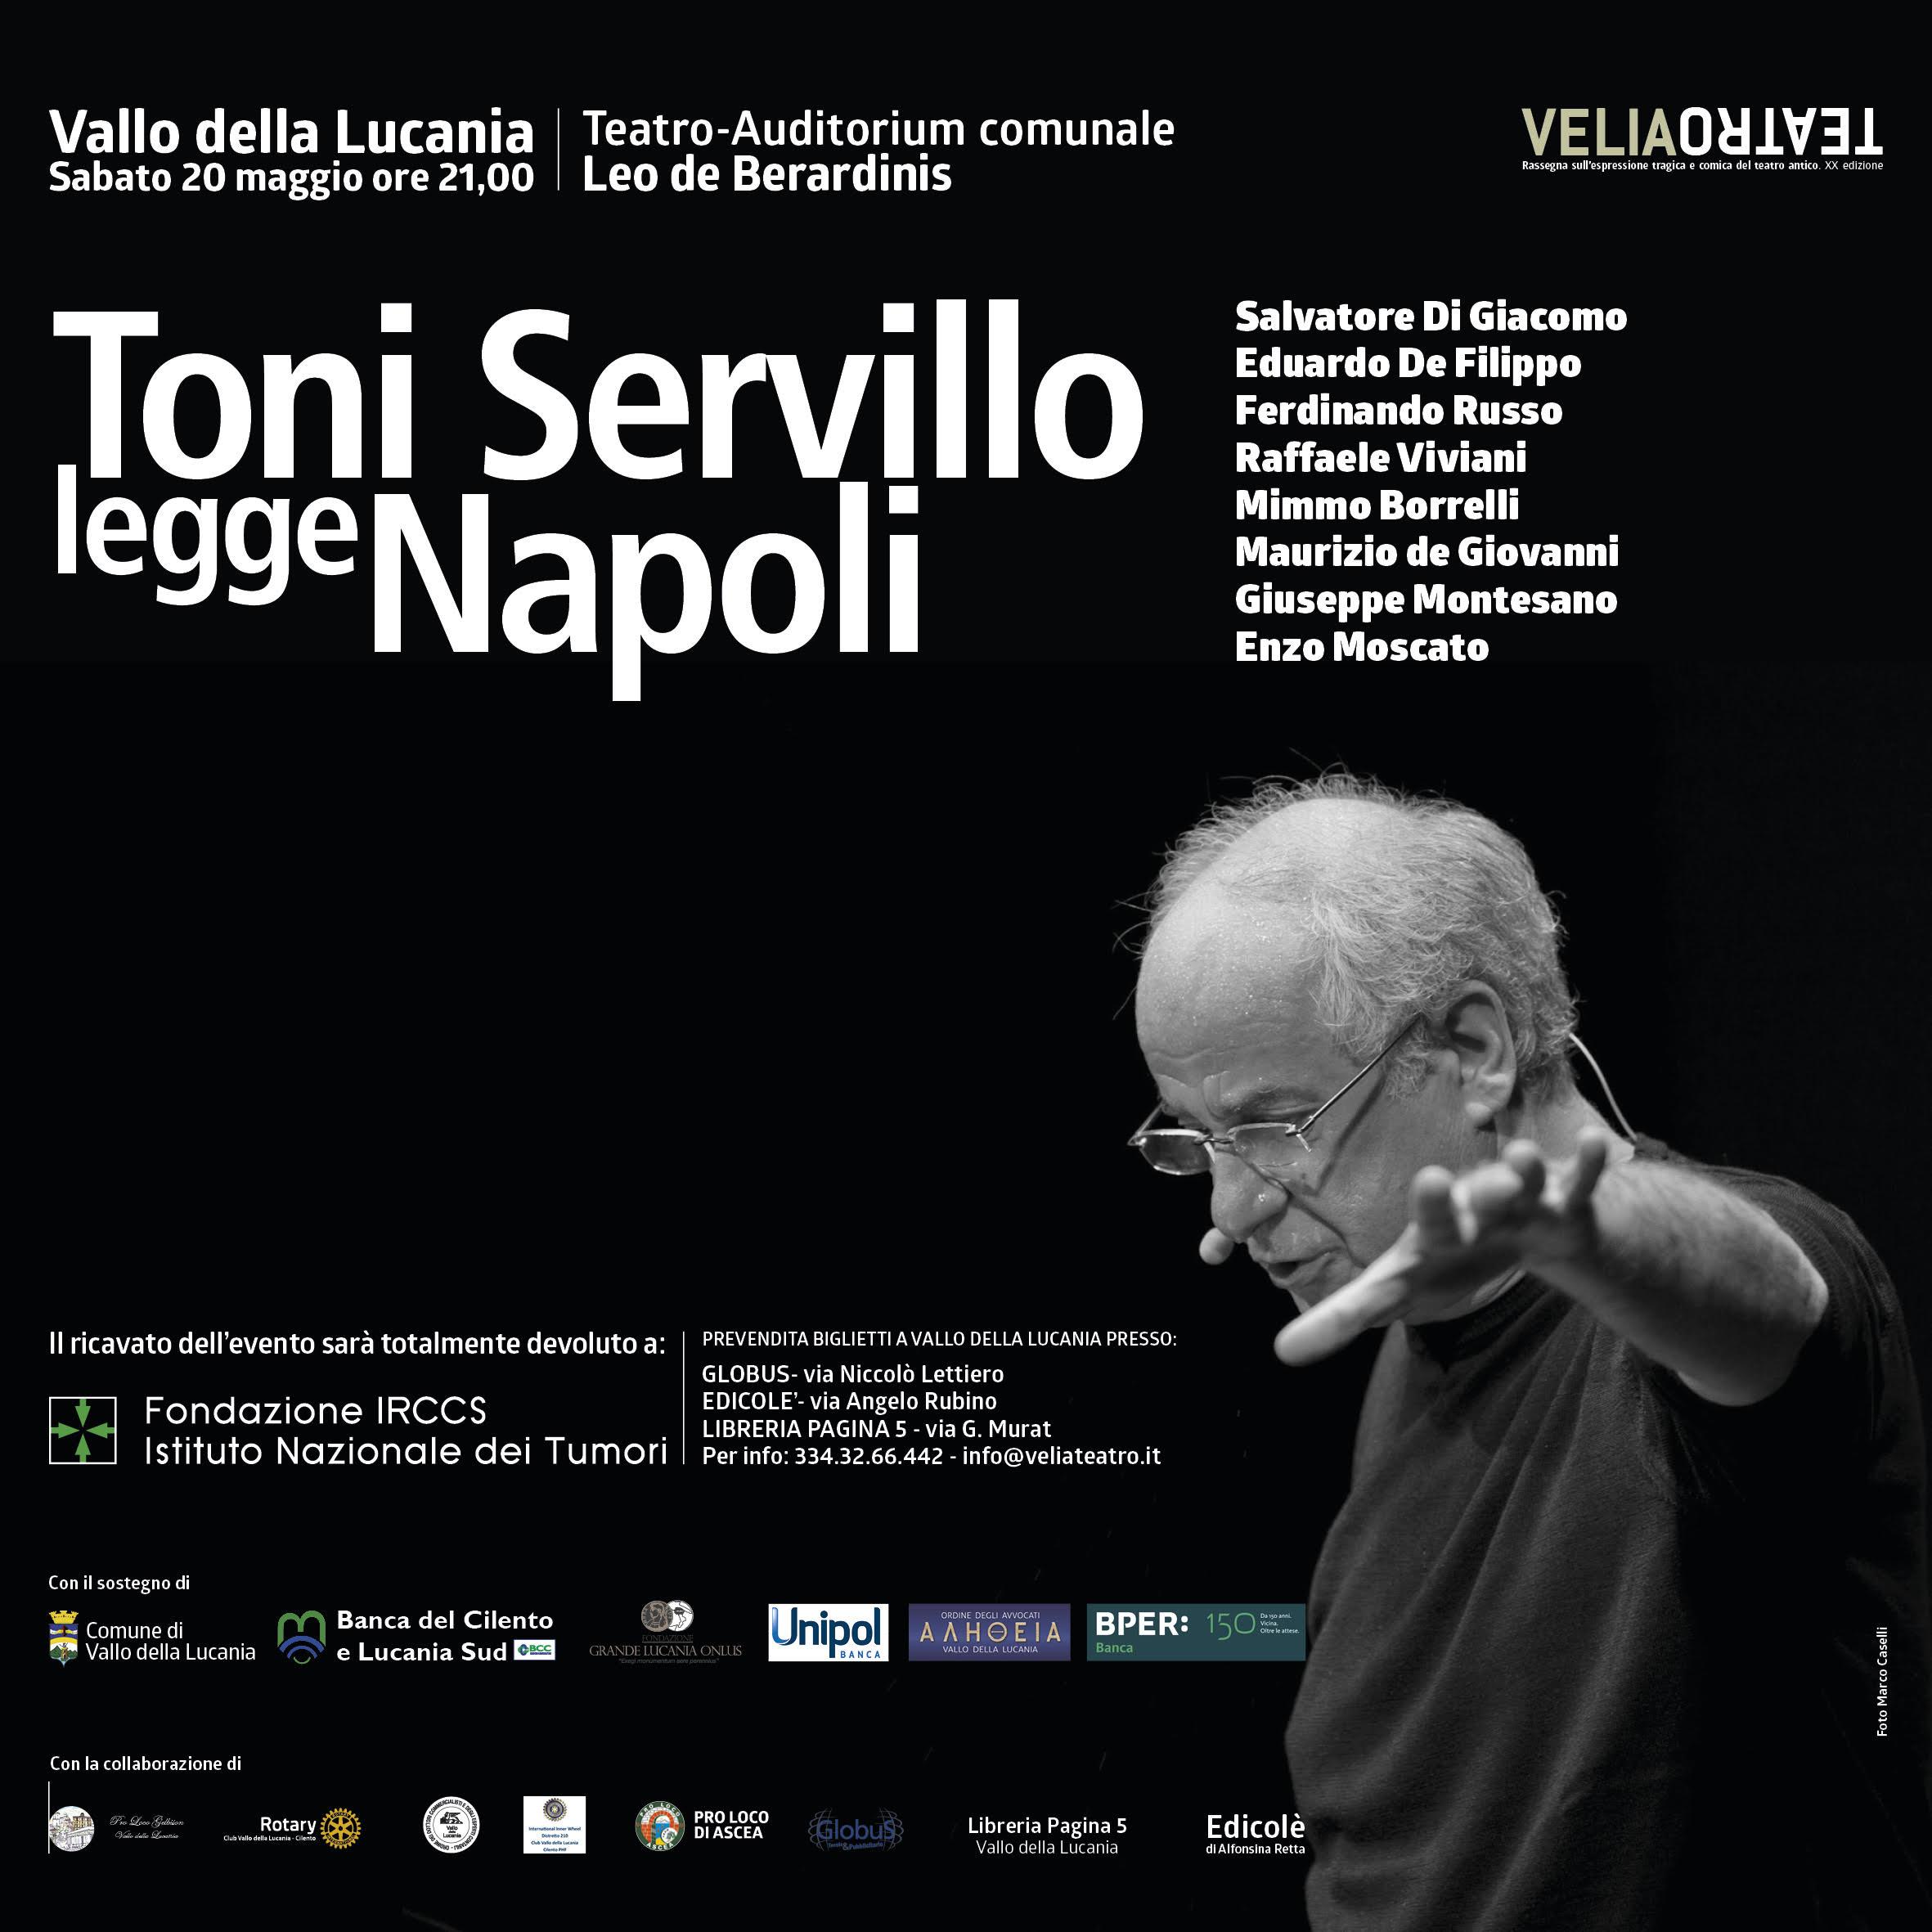 servillo_leggeNapoli_Vallo della Lucania